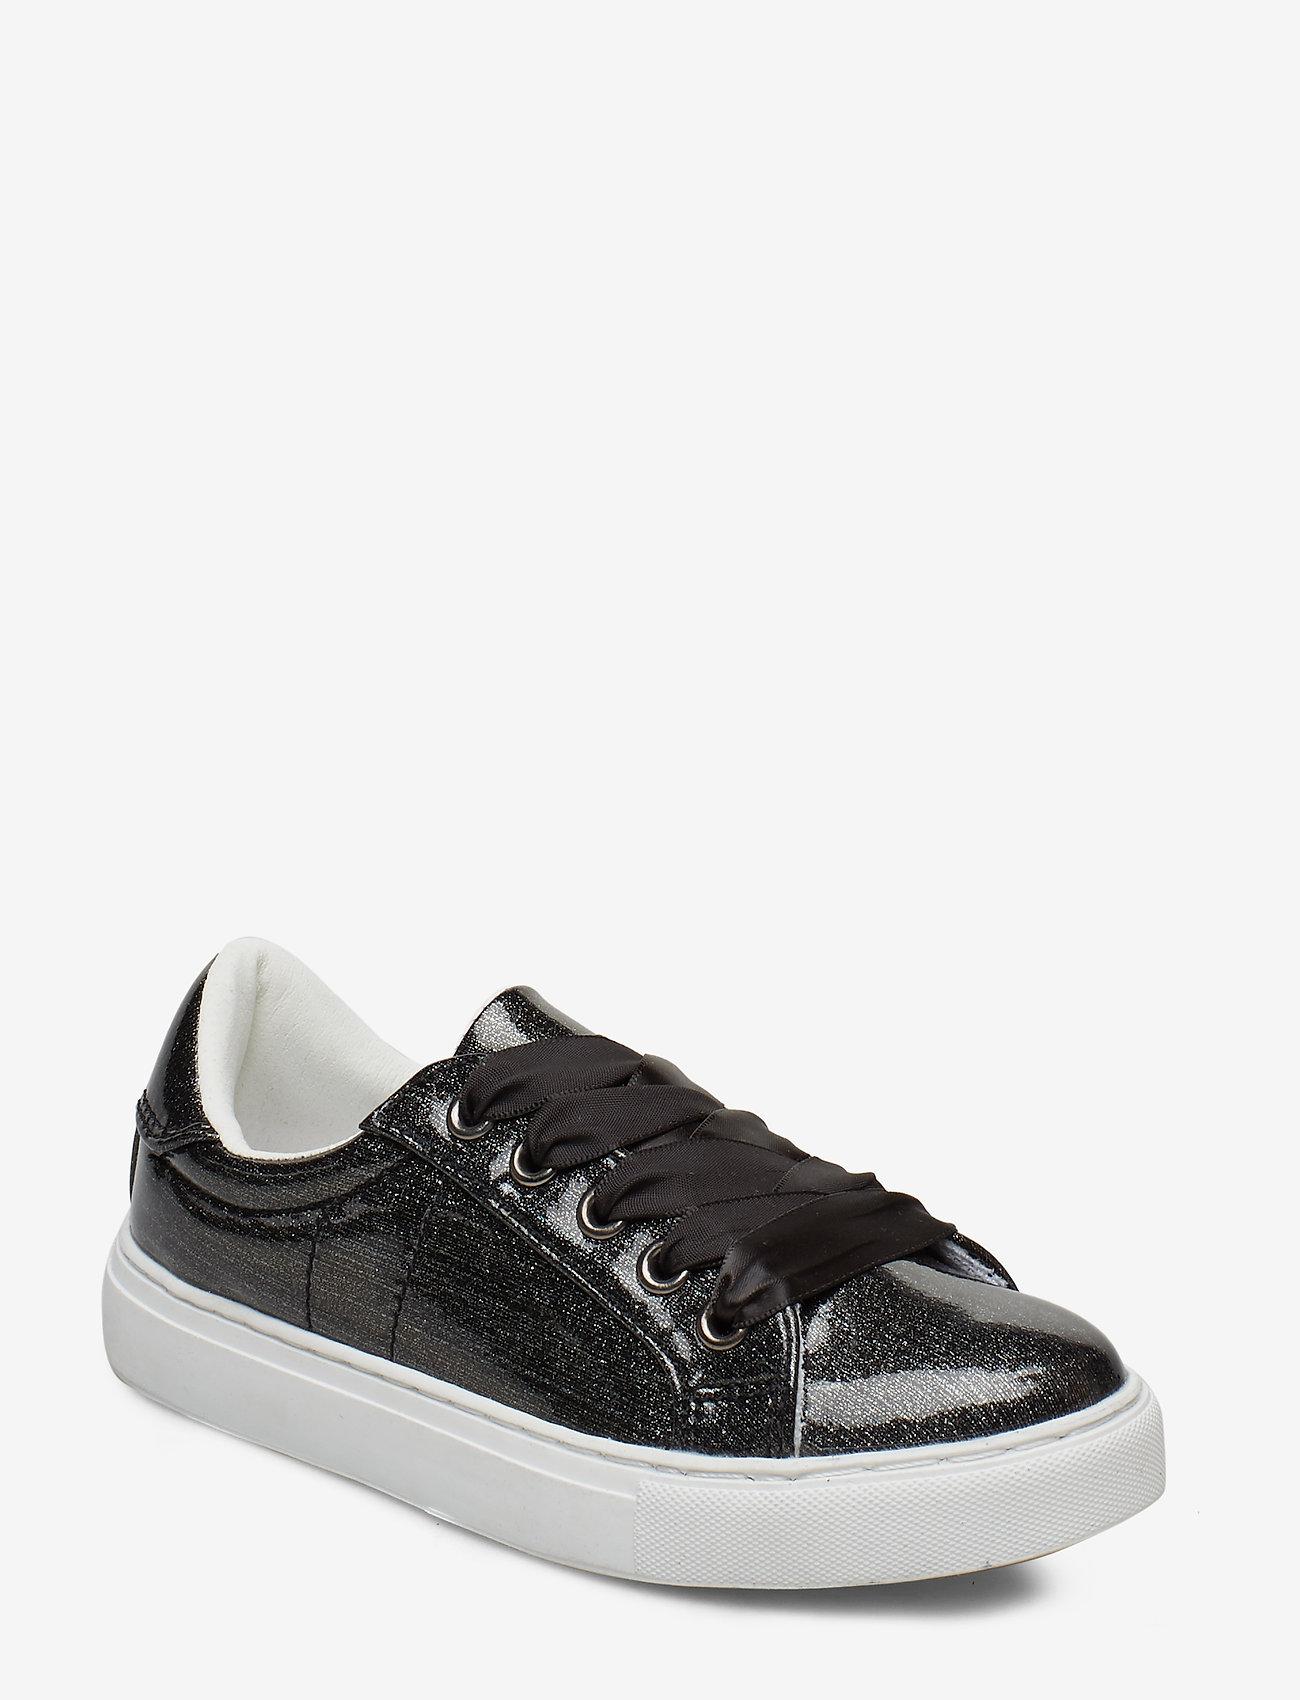 Petit by Sofie Schnoor - Shoe - sneakers - black - 0